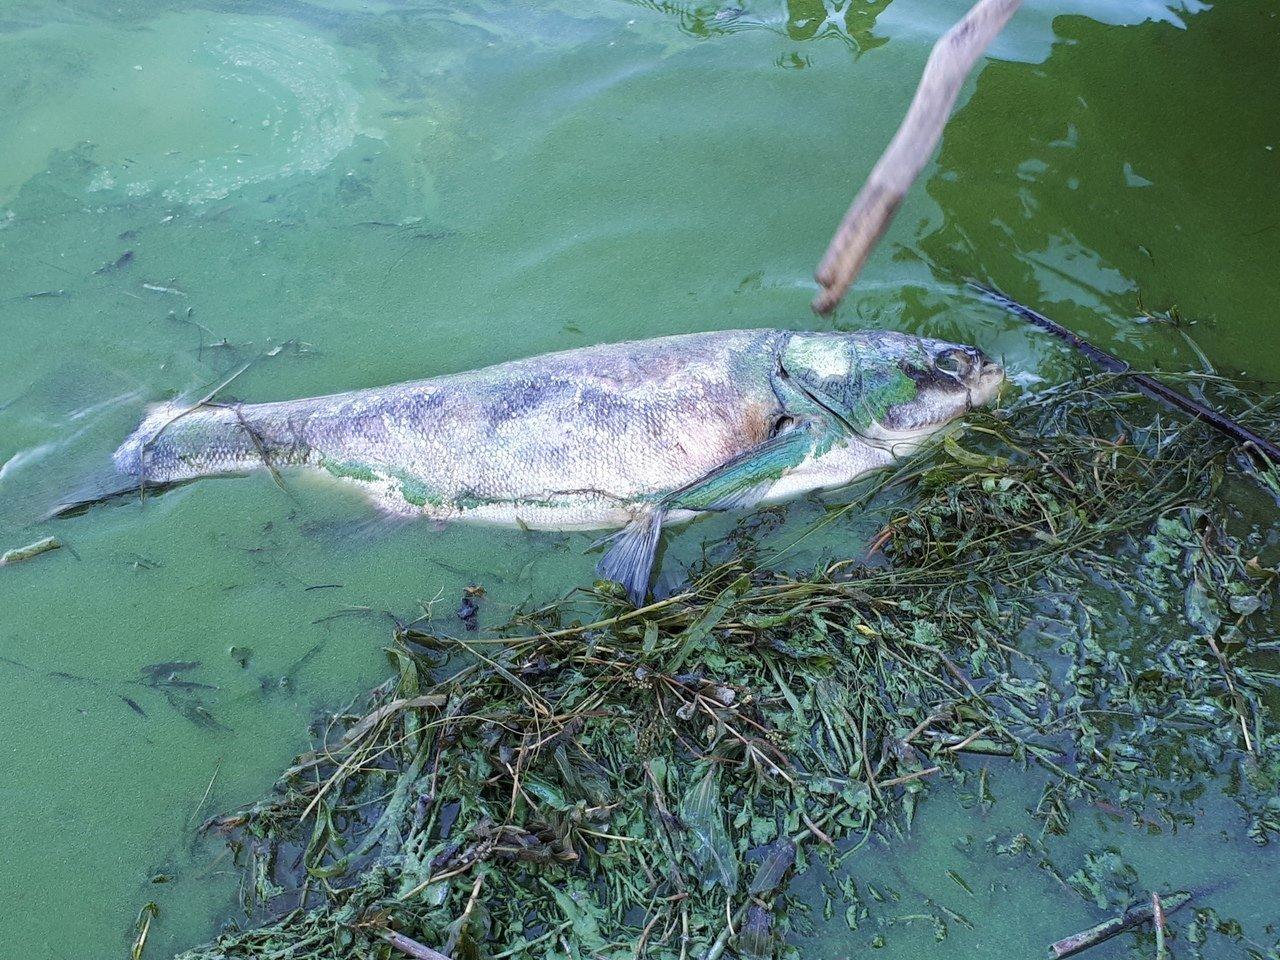 доверие фото рыбы реки днепр ремни тфилин